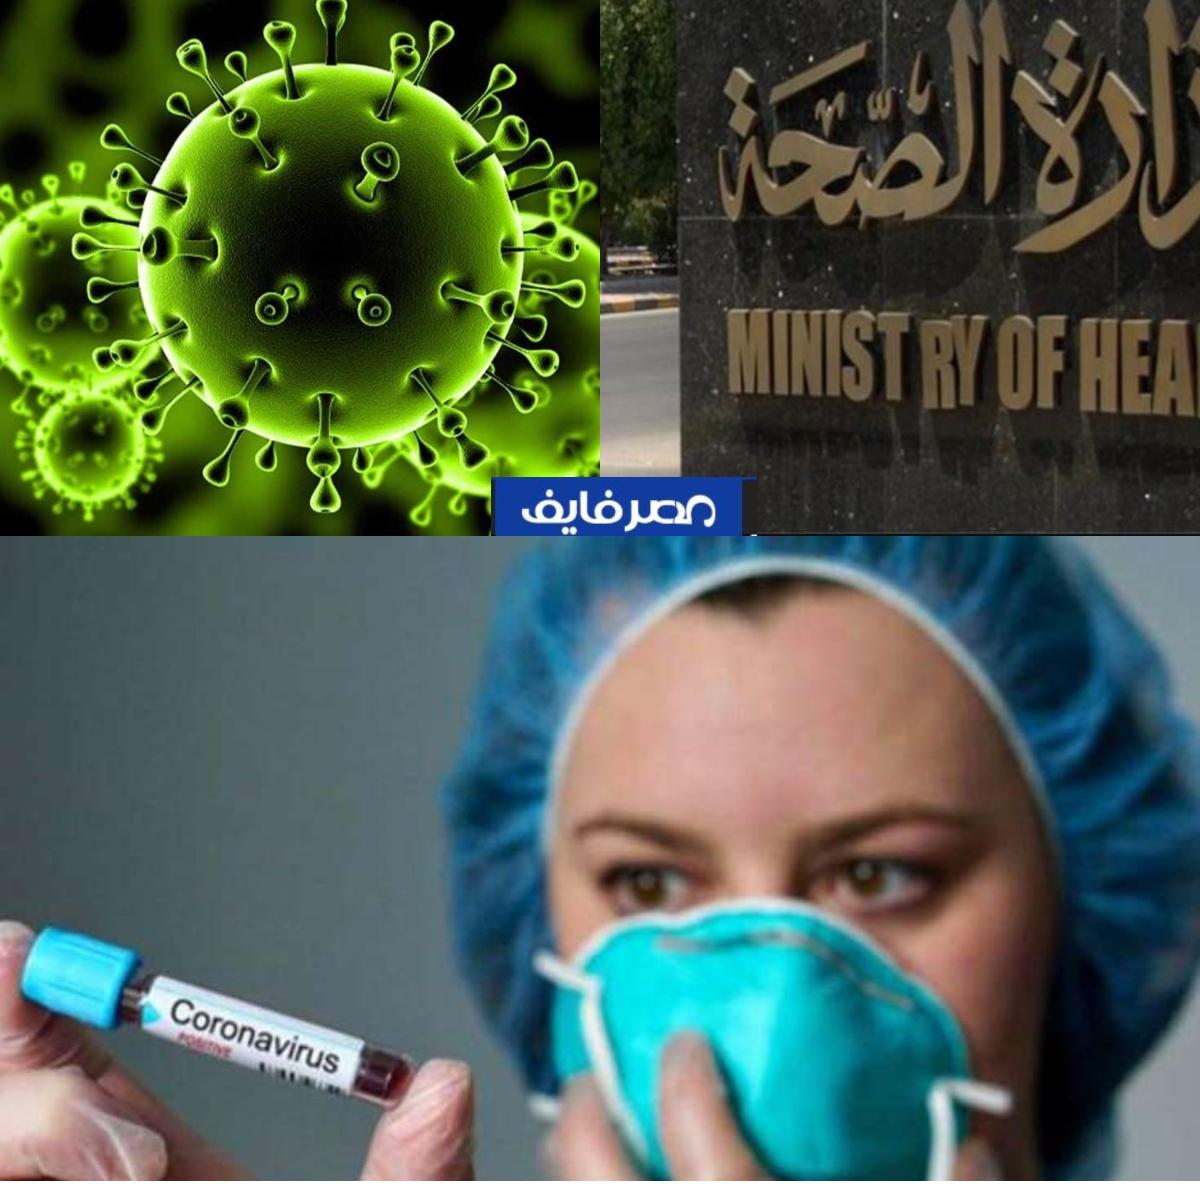 فيروس كورونا غير موجود في الفيوم وفق البيانات الرسمية